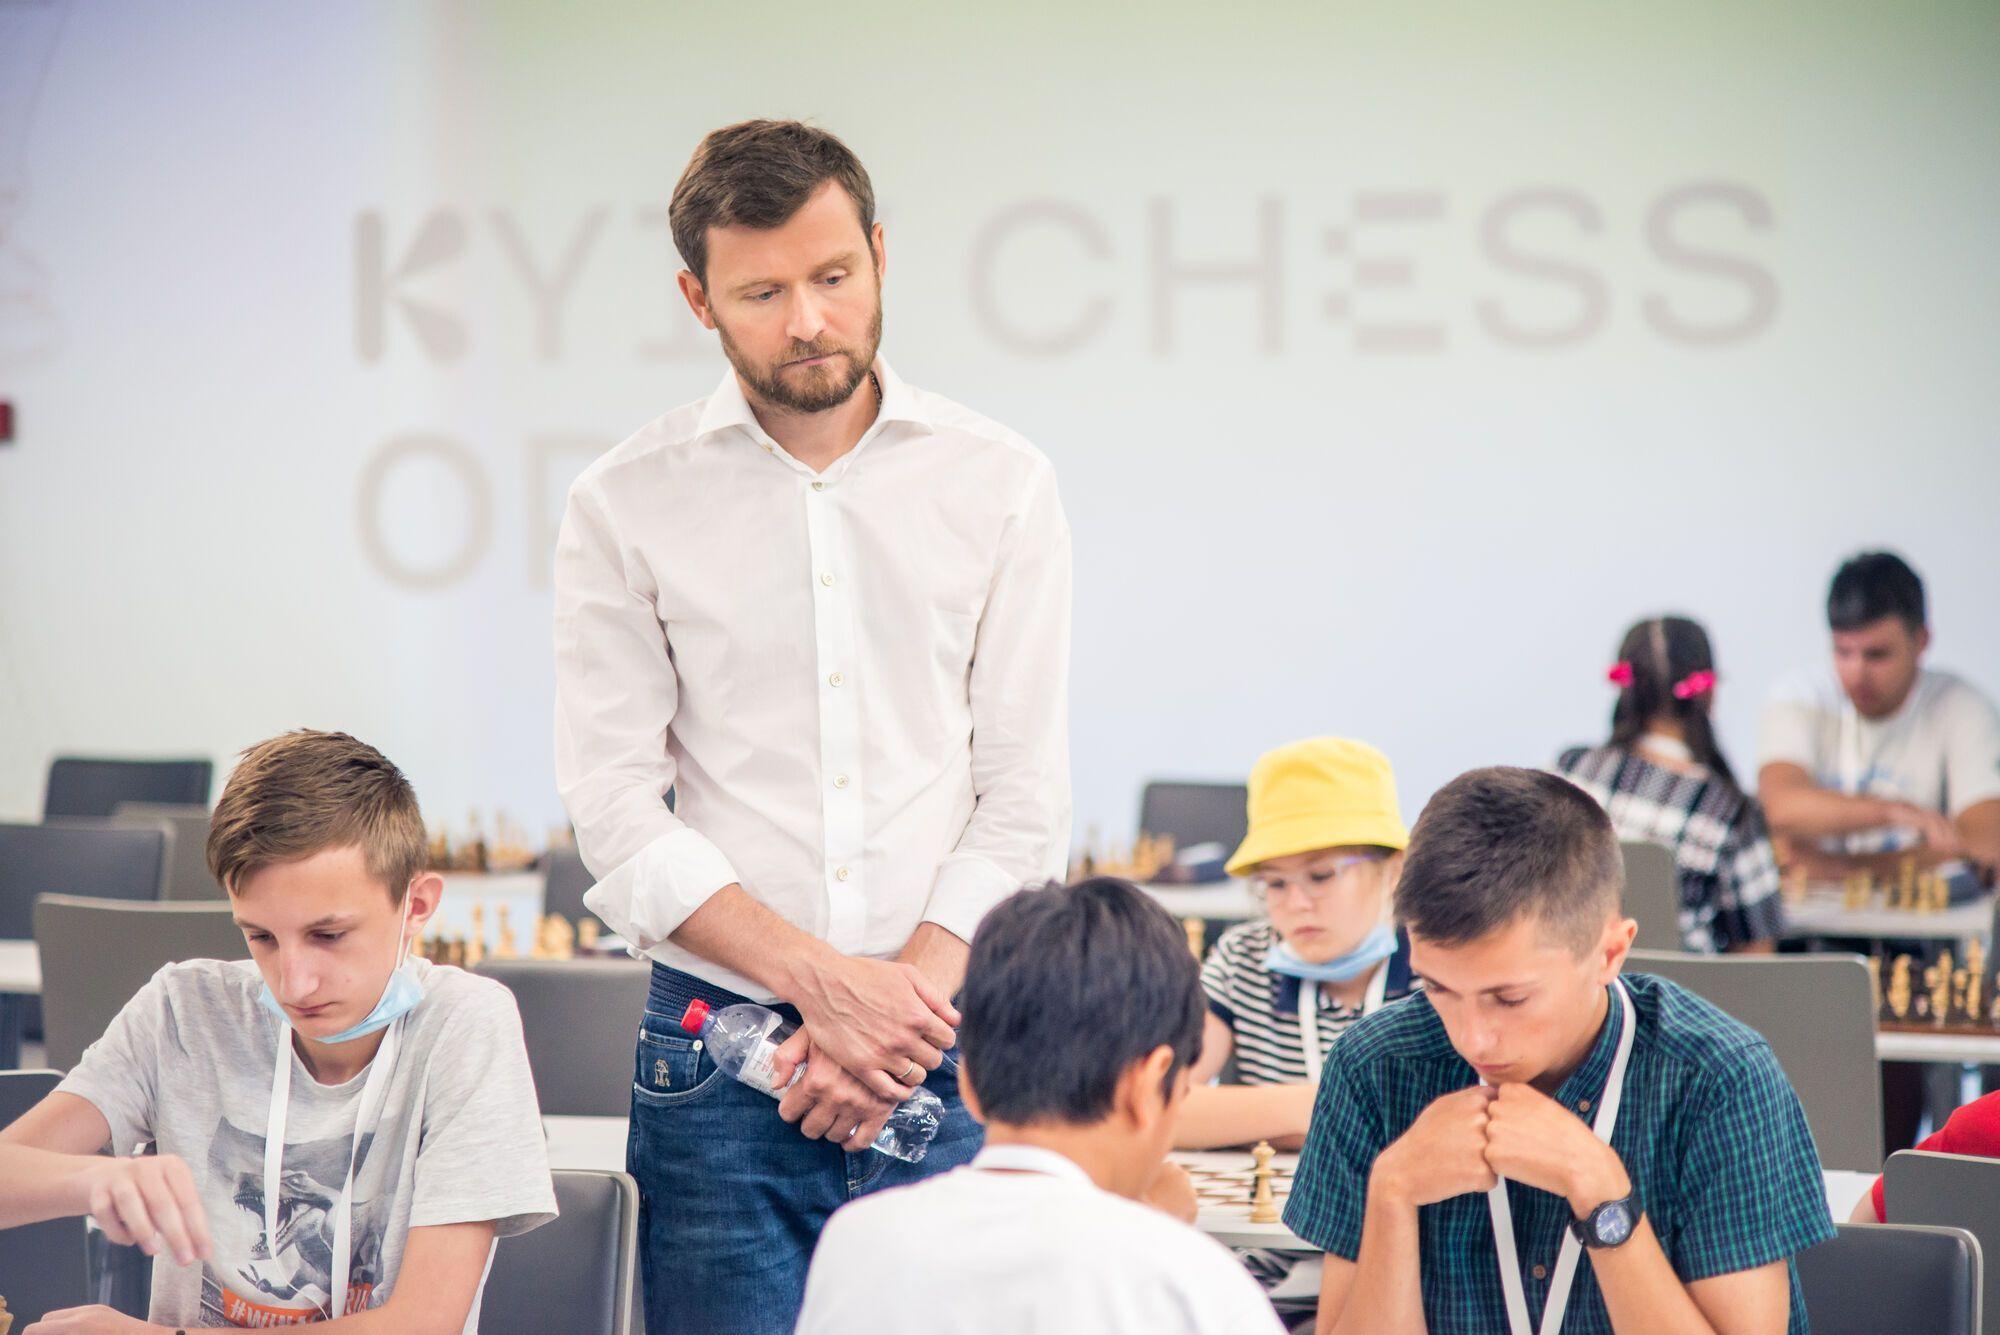 В Украине, чтобы принять участие в турнире из участников собирается членский взнос, и только тогда участник допускается к турниру